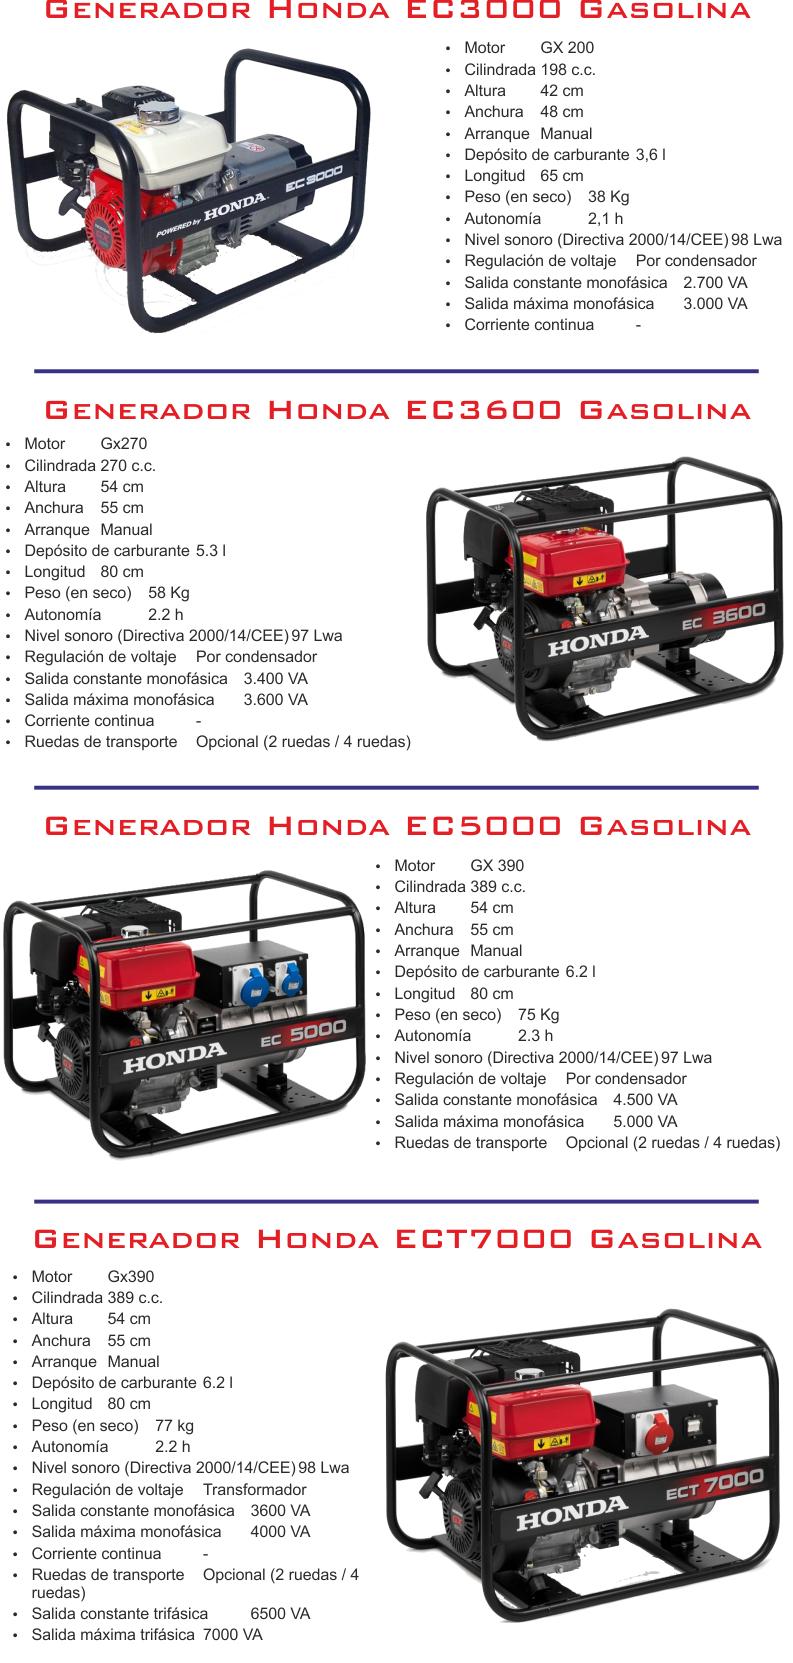 GeneradoresHonda